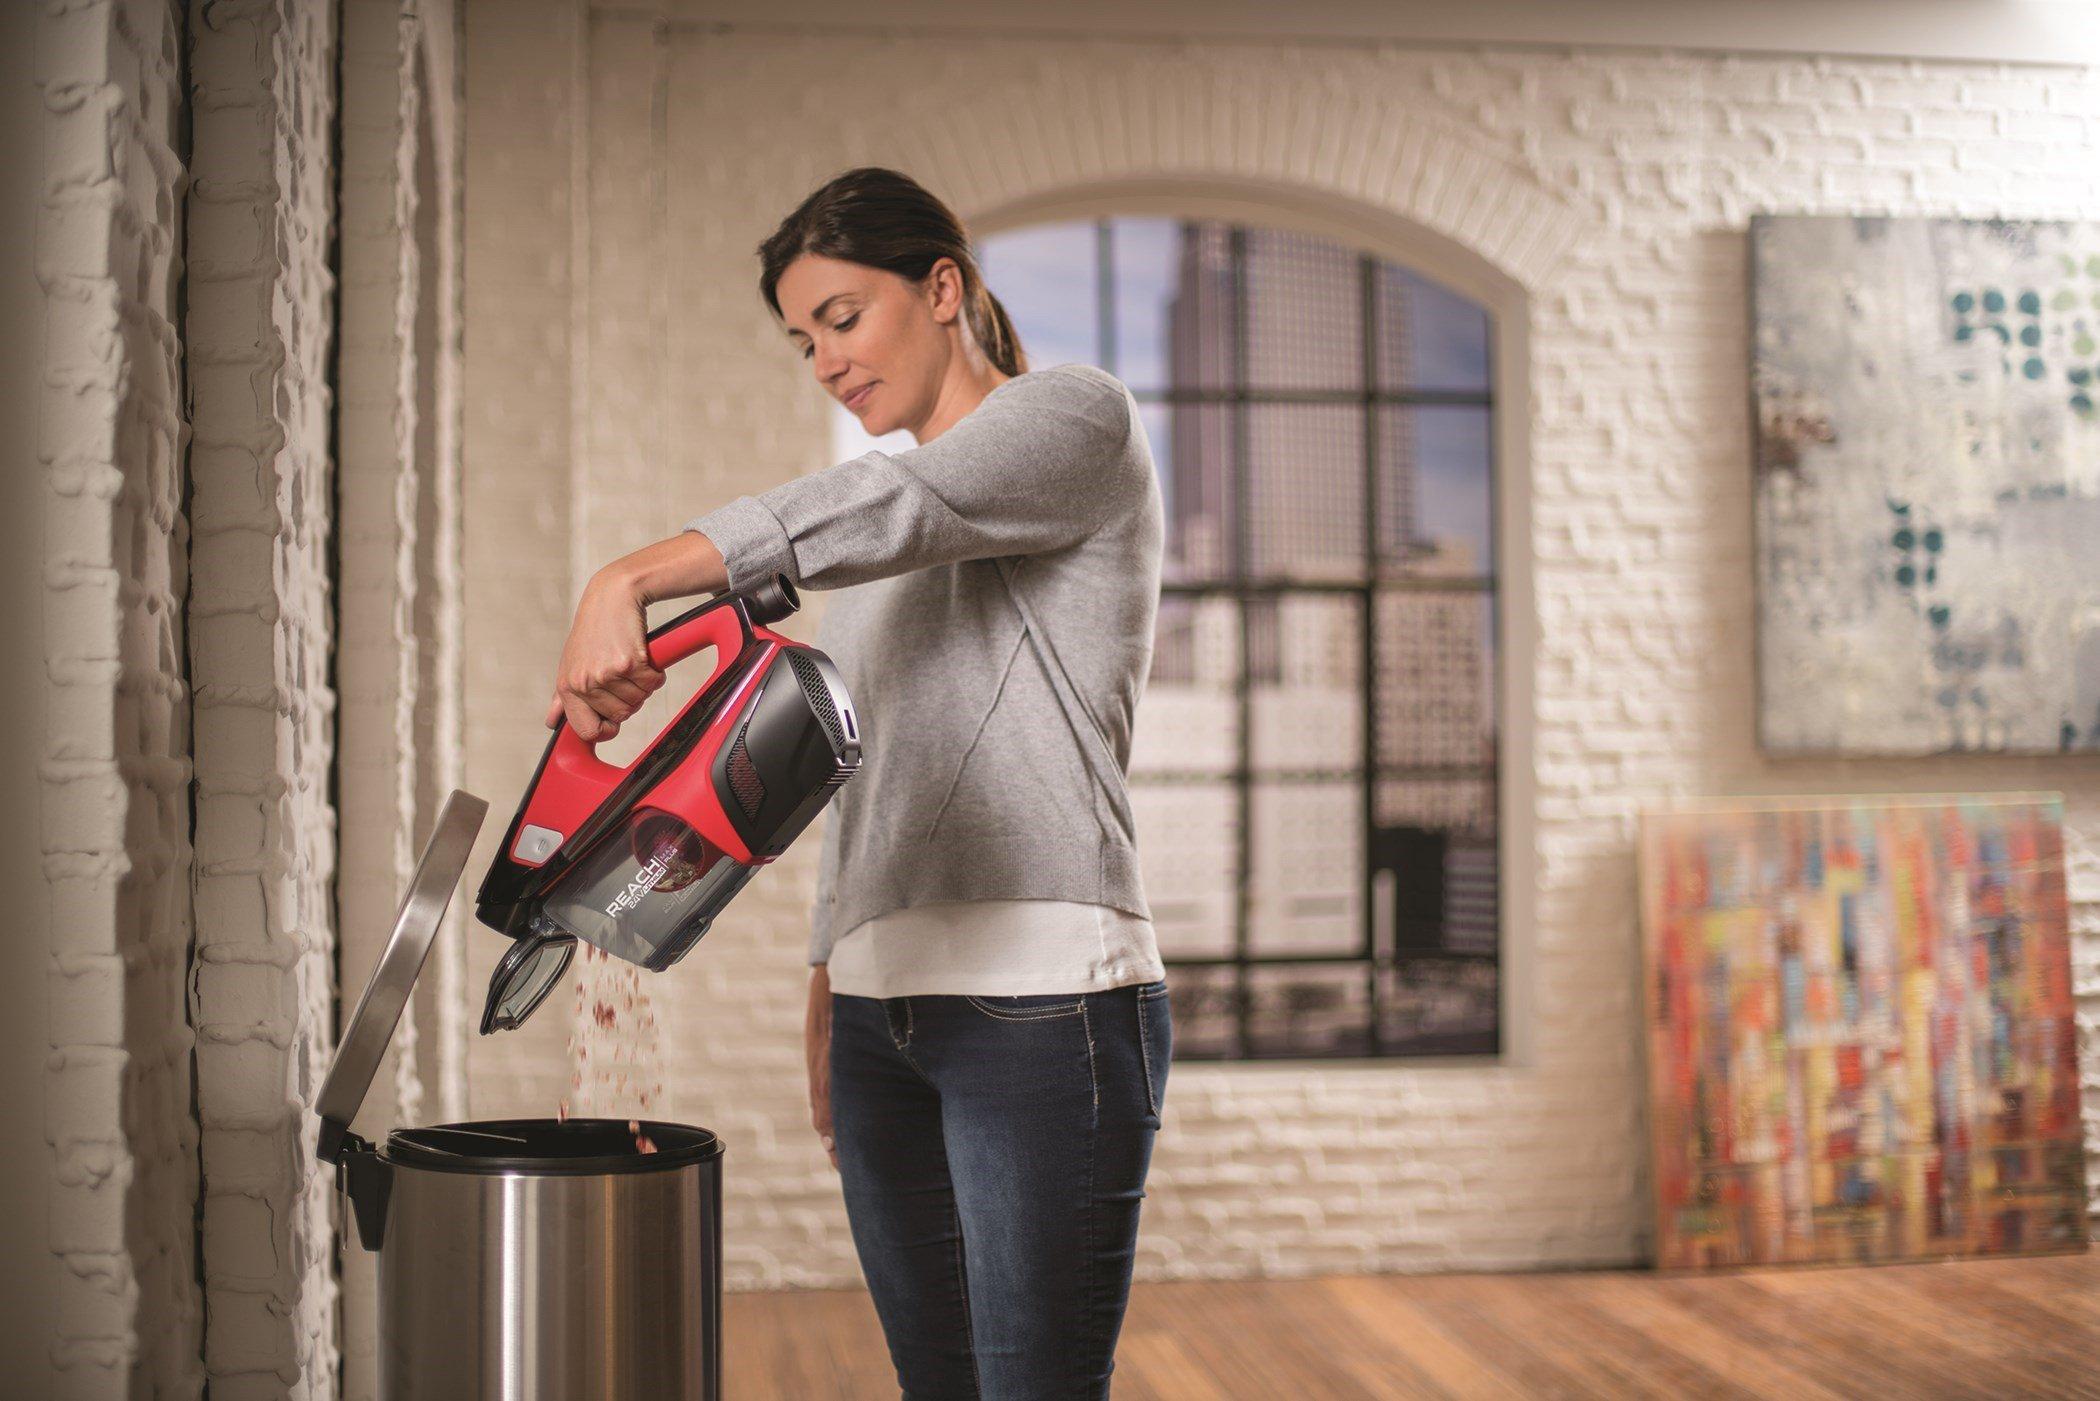 Reach Max Plus 3-in-1 Cordless Stick Vacuum8